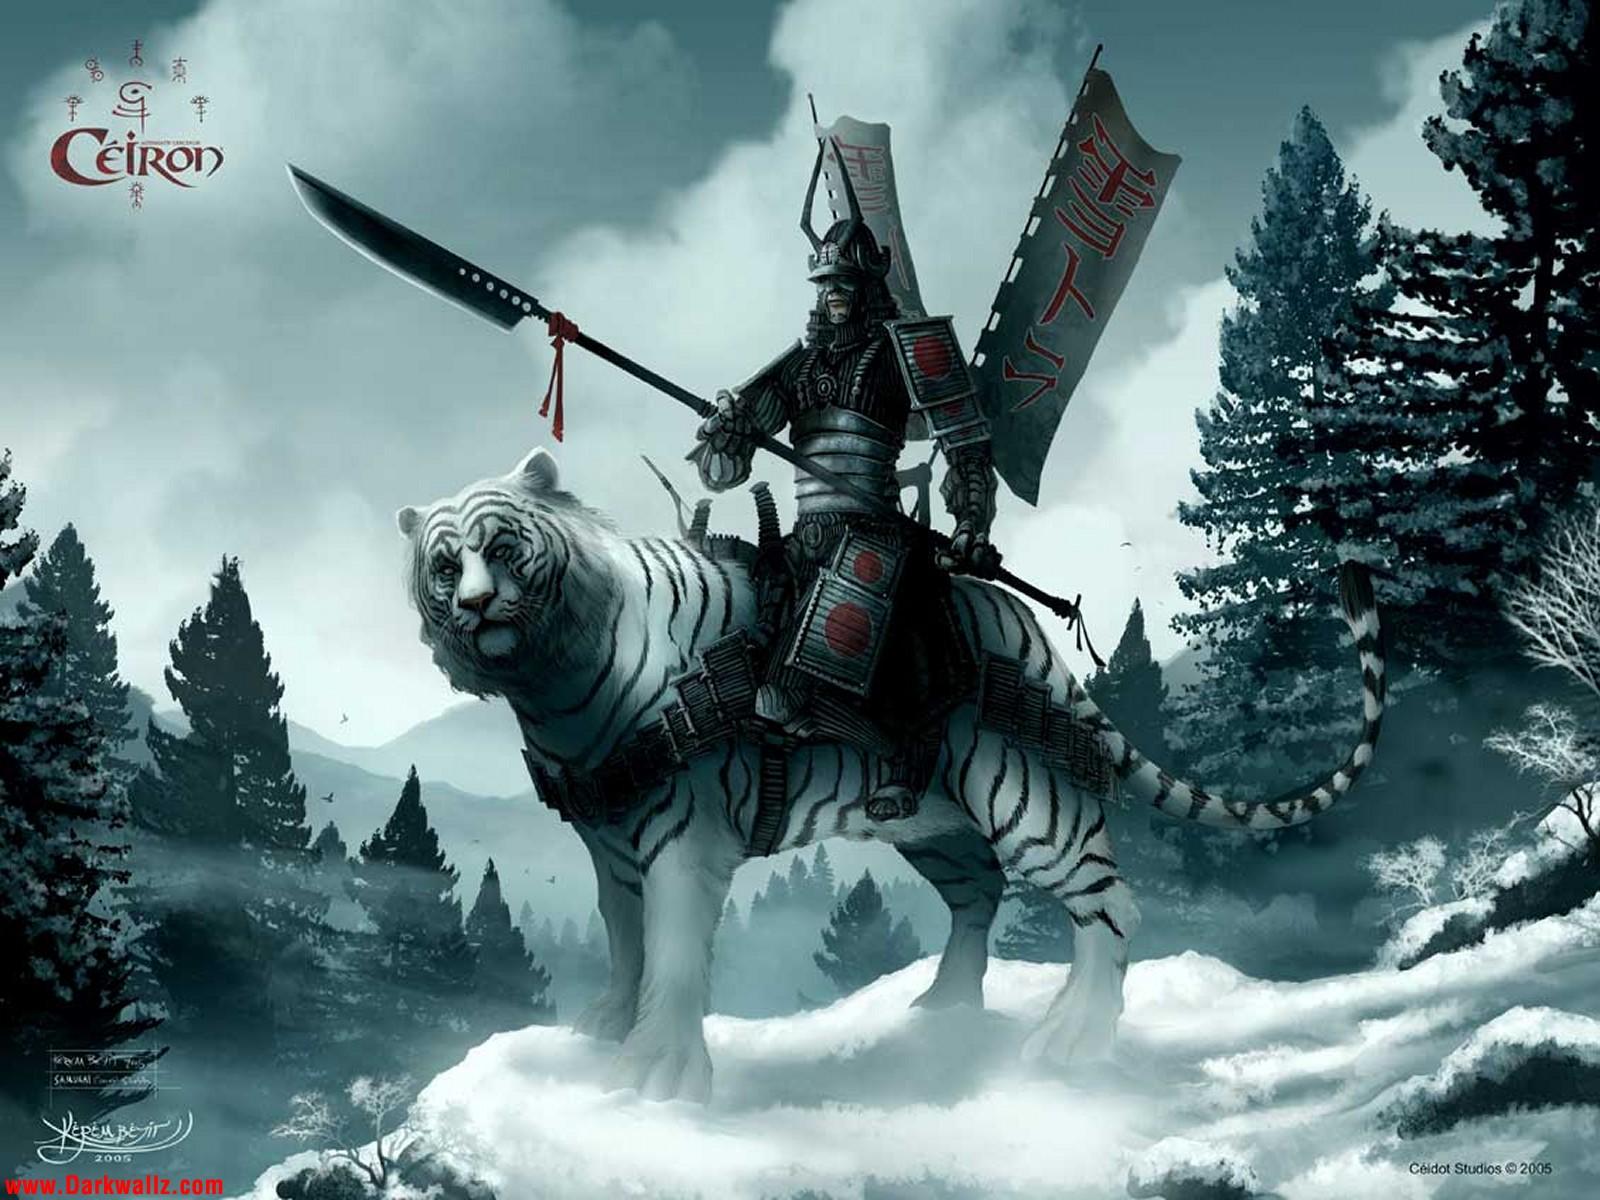 Warrior Wallpapers 24 | Dark Wallpaper Download